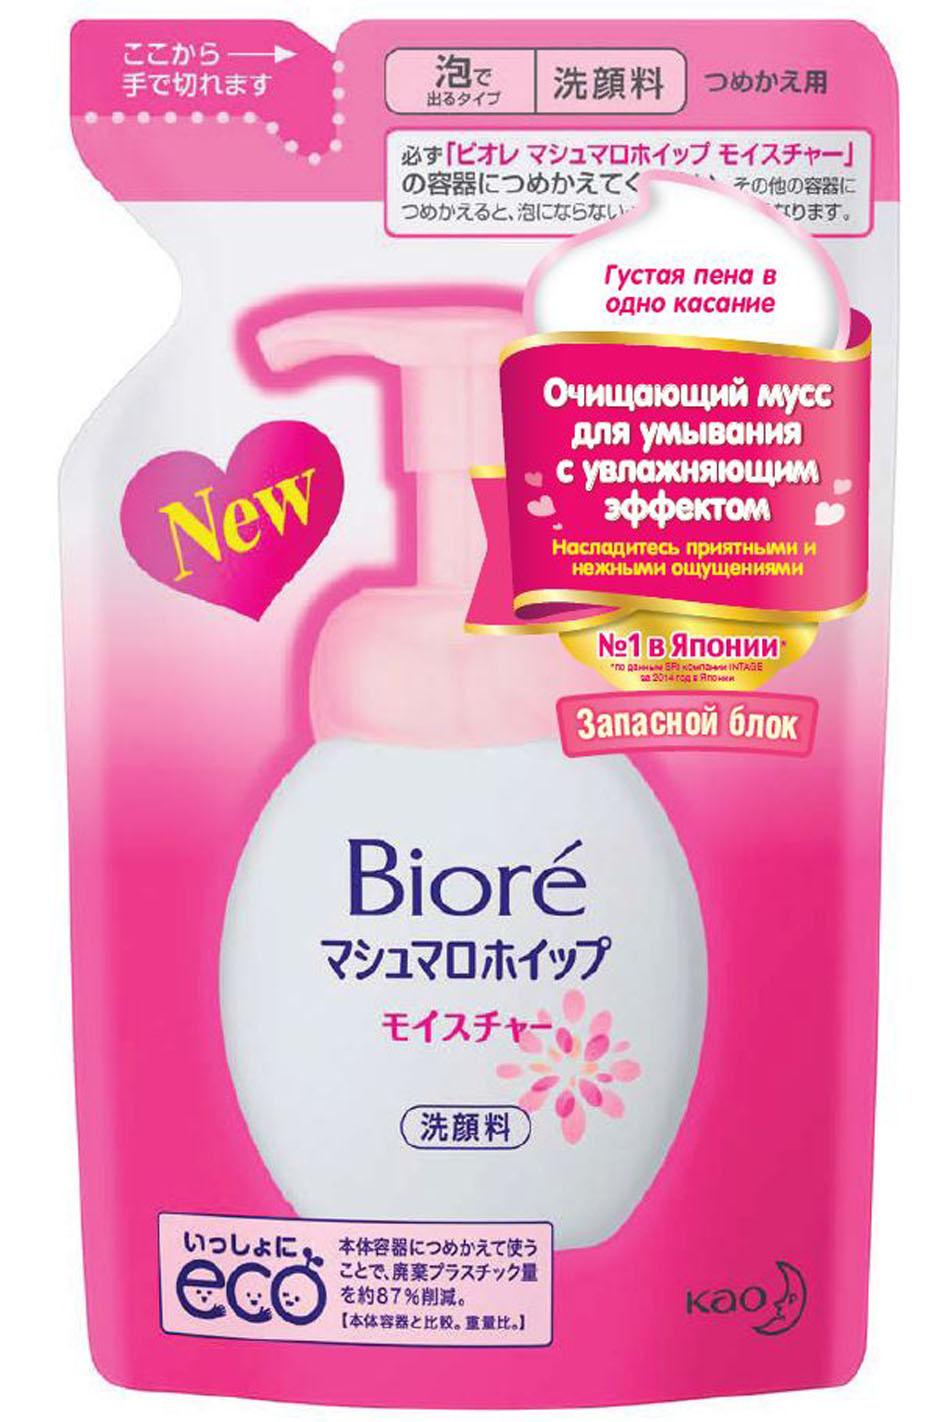 Biore Очищающий мусс для умывания с увлажняющим эффектом Запасной блок 130 млFS-00897Очищающий мусс для умывания с увлажняющим эффектом.Просто нажмите и Вы получите густую пену, похожую на маршмеллоу. Насладитесь приятными и нежными ощущениями. Уникальная технология SPT от KAO гарантирует тщательное, но бережное очищение кожи. Подходит для нормальной и комбинированной кожи. Мусс выполняет 3 функции: Очищение от загрязнений - без повреждения; Помощь – увлажнение, питание, восстановление; Защита от вредного воздействия UV лучей. Имеет легкий свежий цветочный аромат. Не содержит спирта, можно использовать на области вокруг глаз!